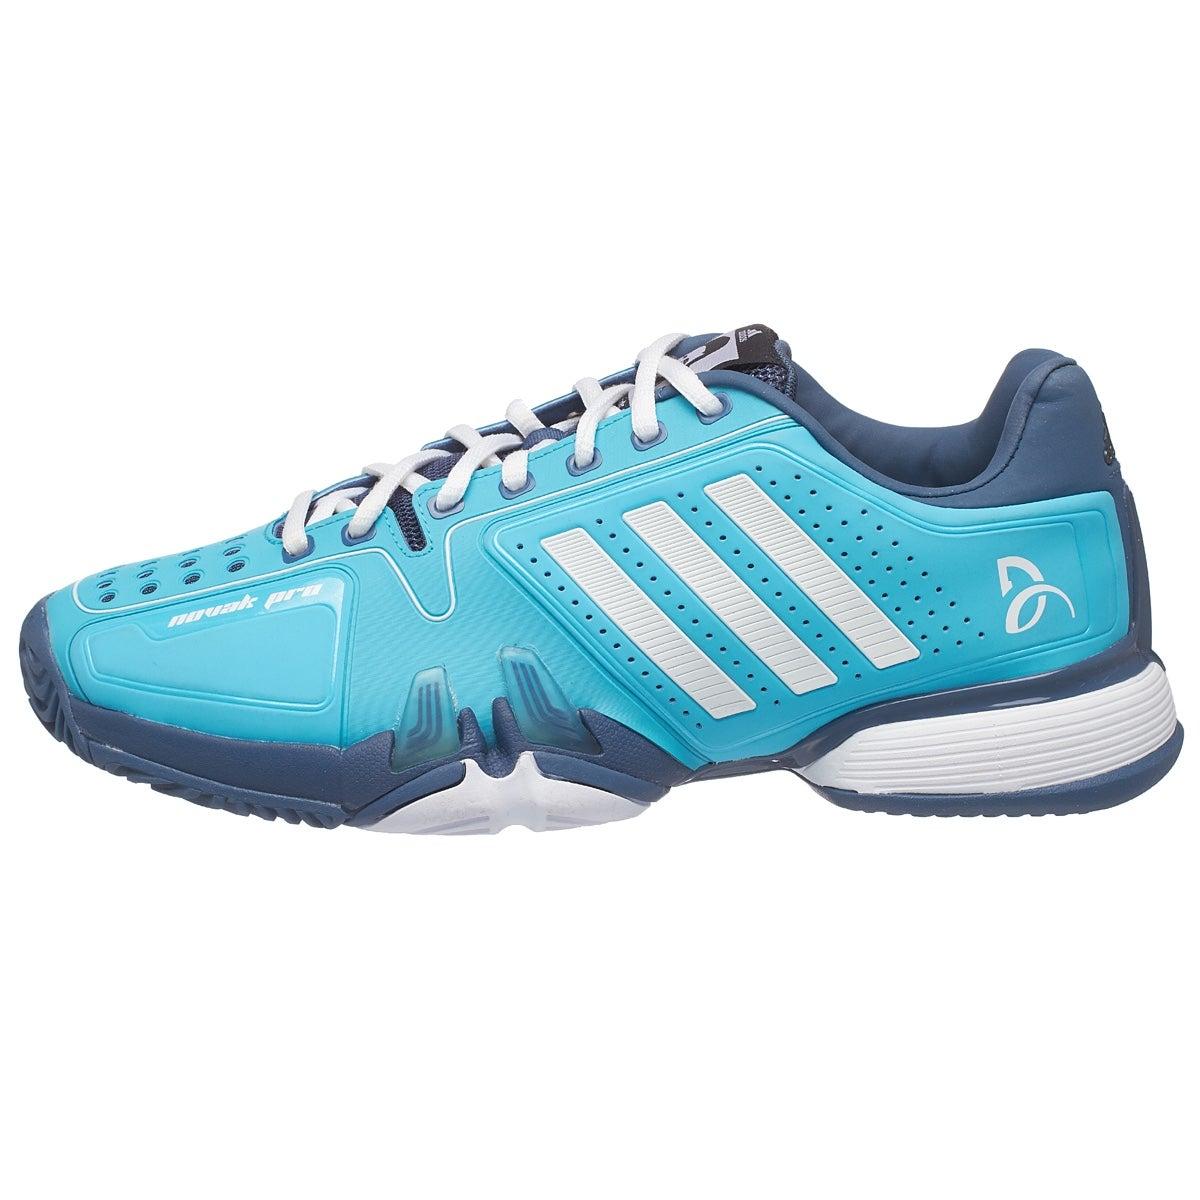 Addias Blue Shoe